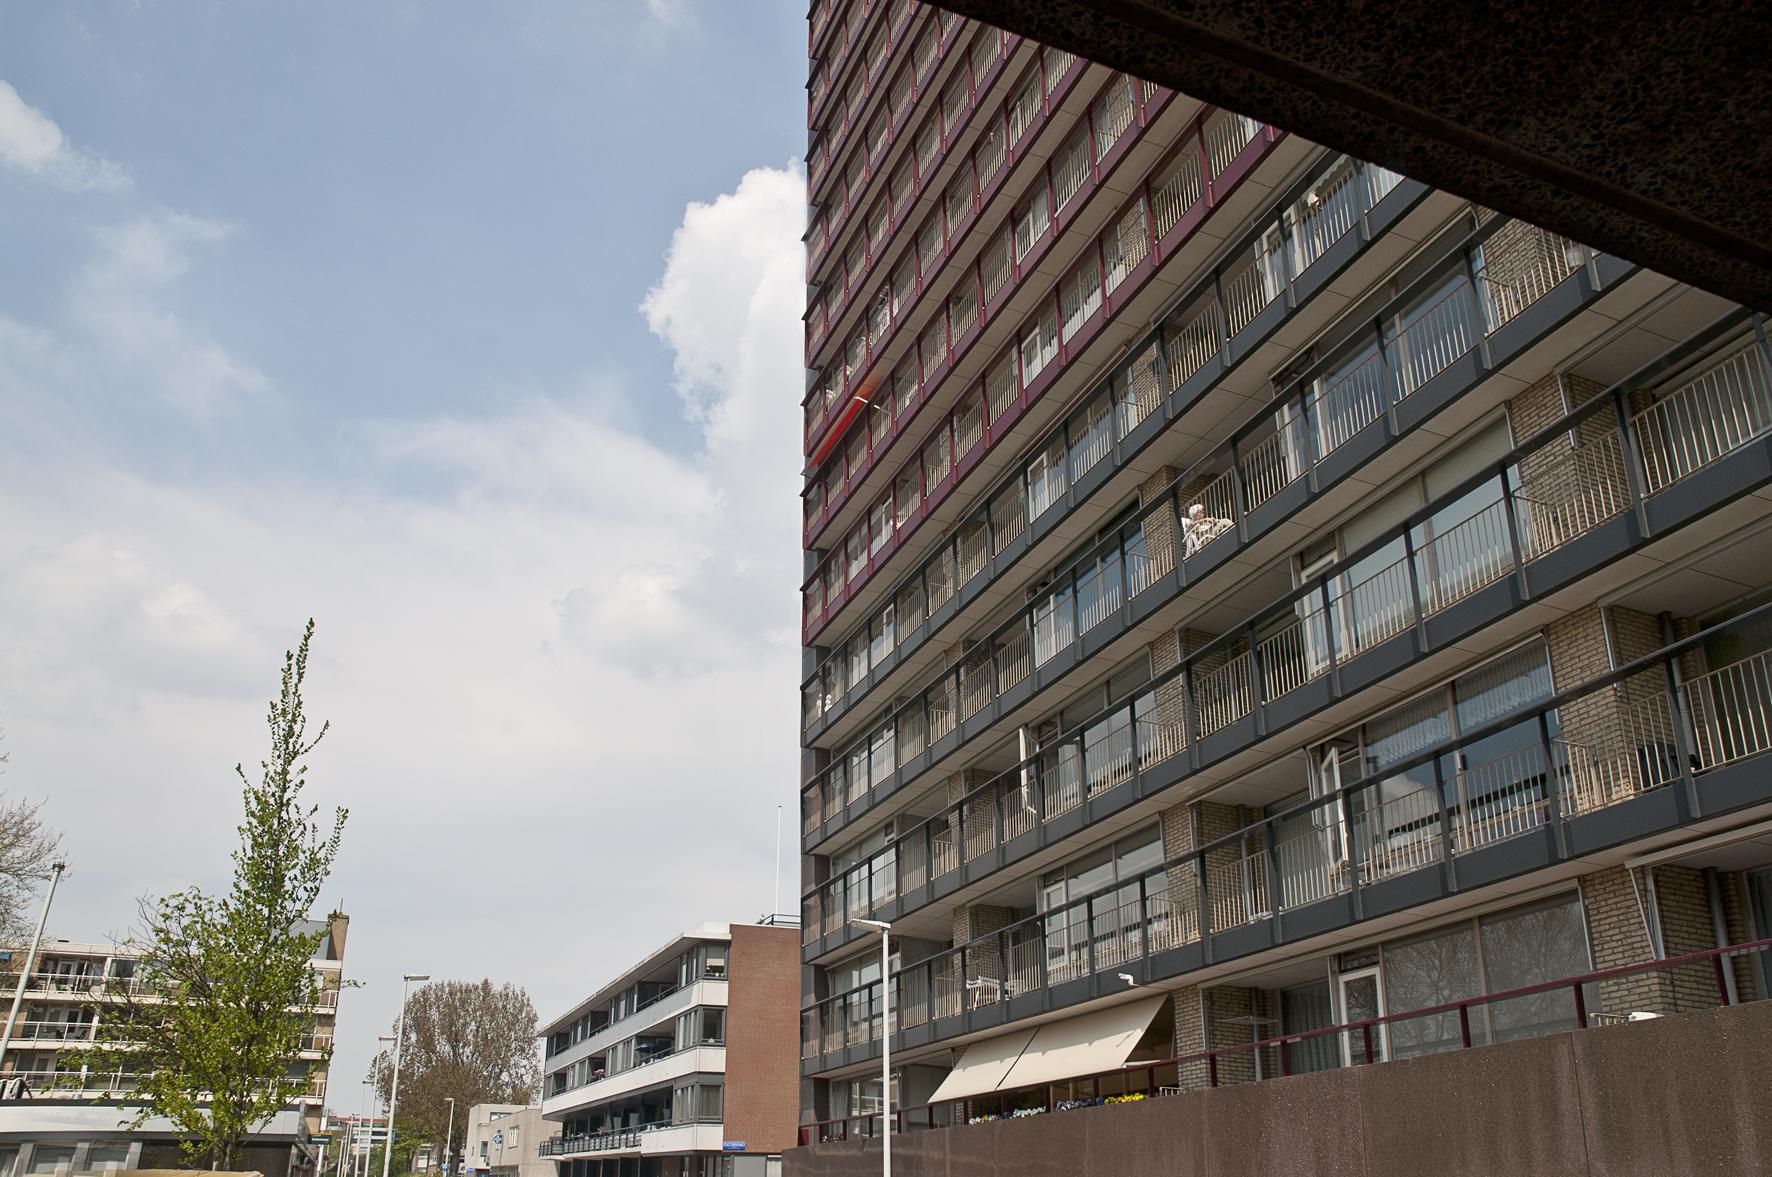 Hantje de Jongstraat, officiële straatnaam van de gemeente Rotterdam bij beslissing van B&W sinds 5 februari 1965